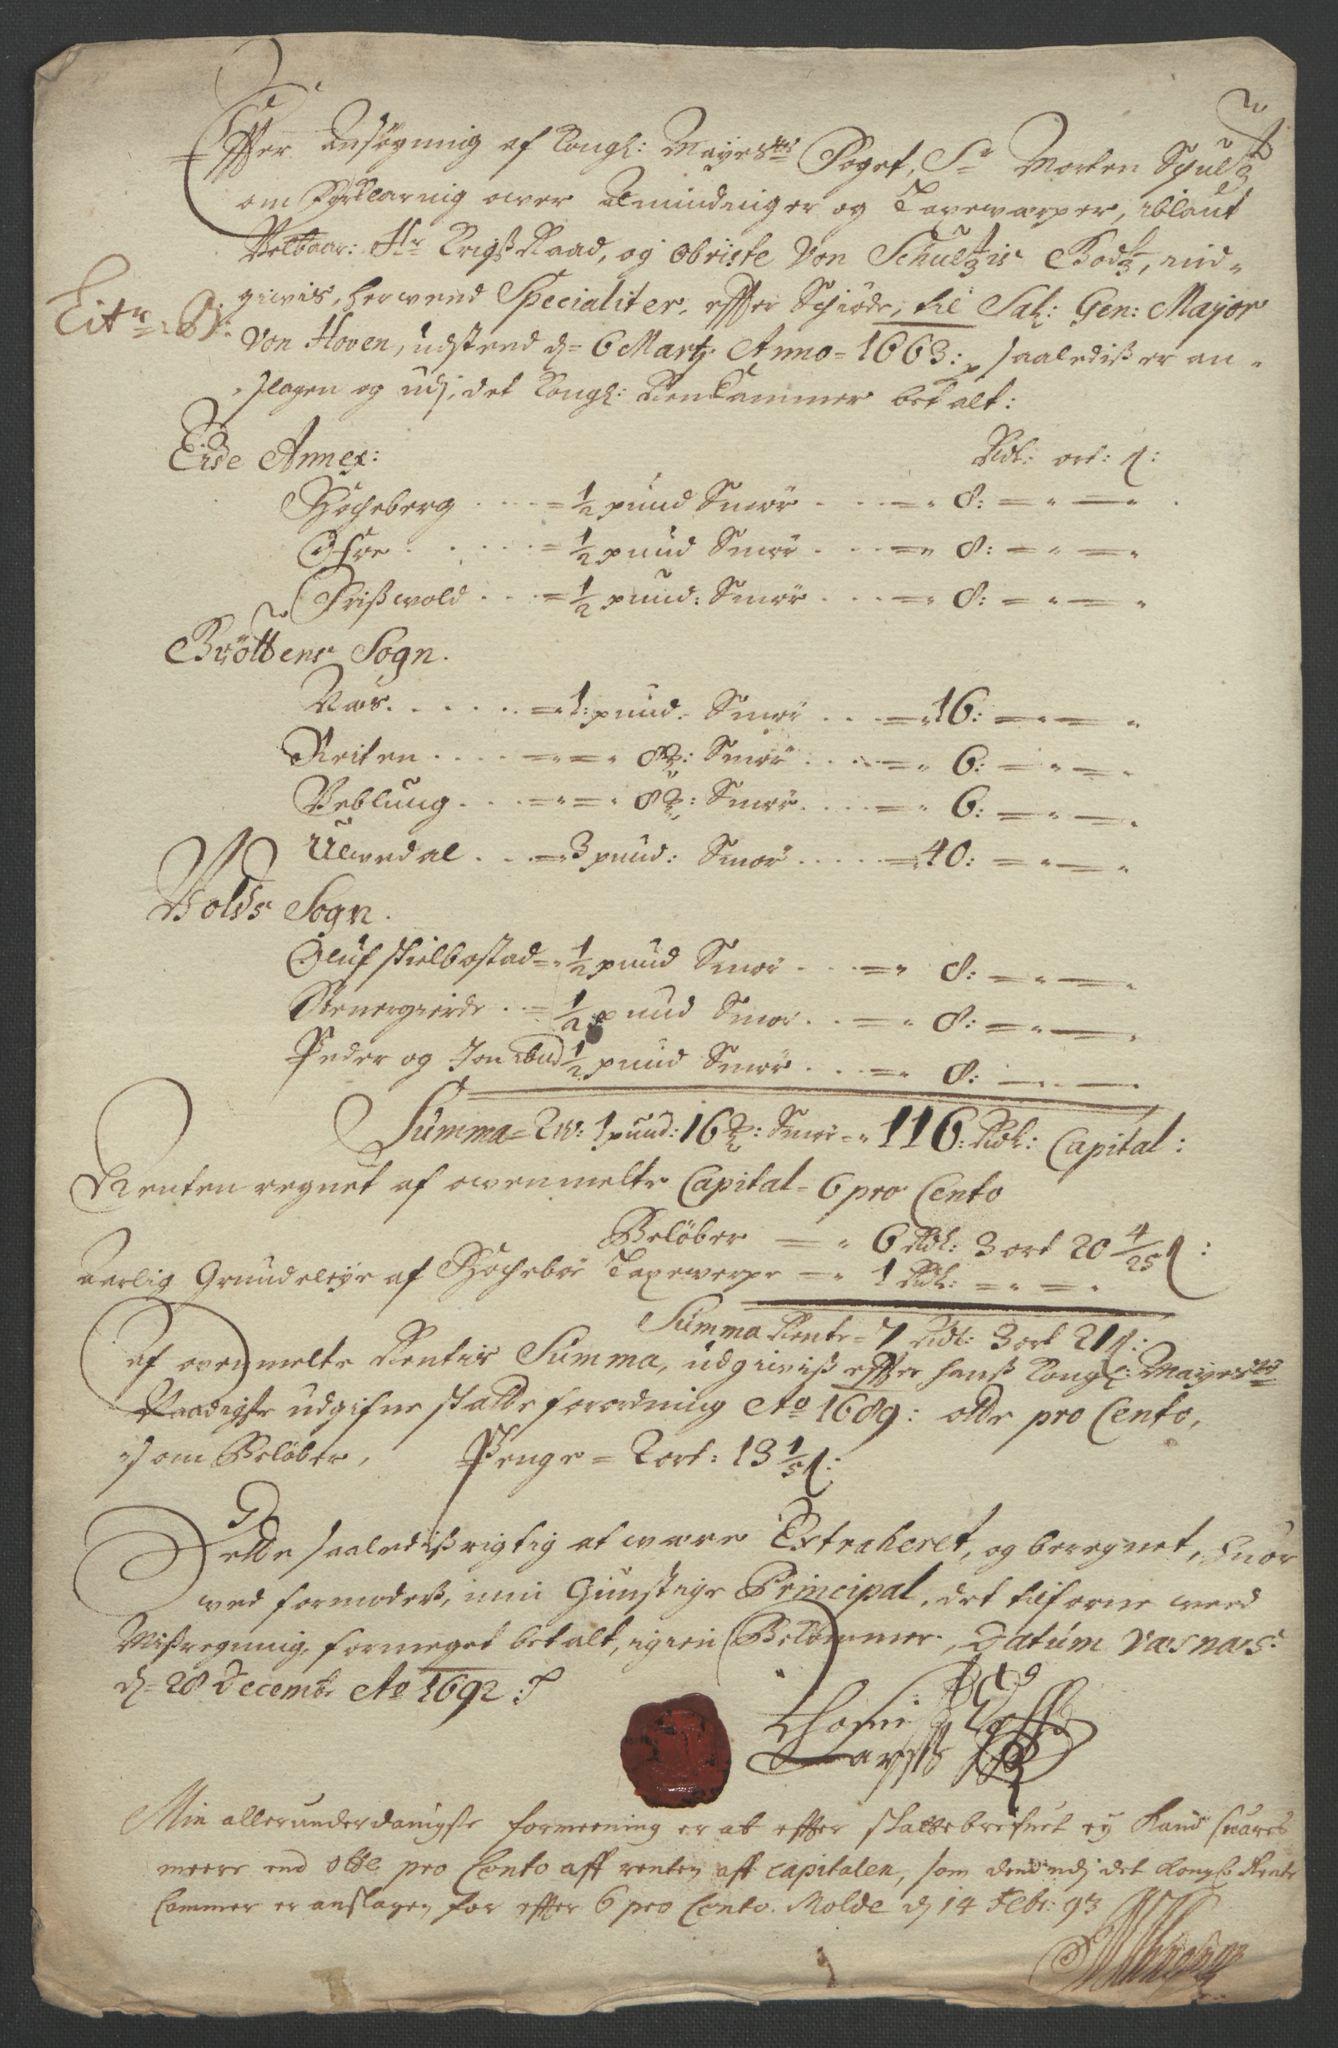 RA, Rentekammeret inntil 1814, Reviderte regnskaper, Fogderegnskap, R55/L3650: Fogderegnskap Romsdal, 1692, s. 70